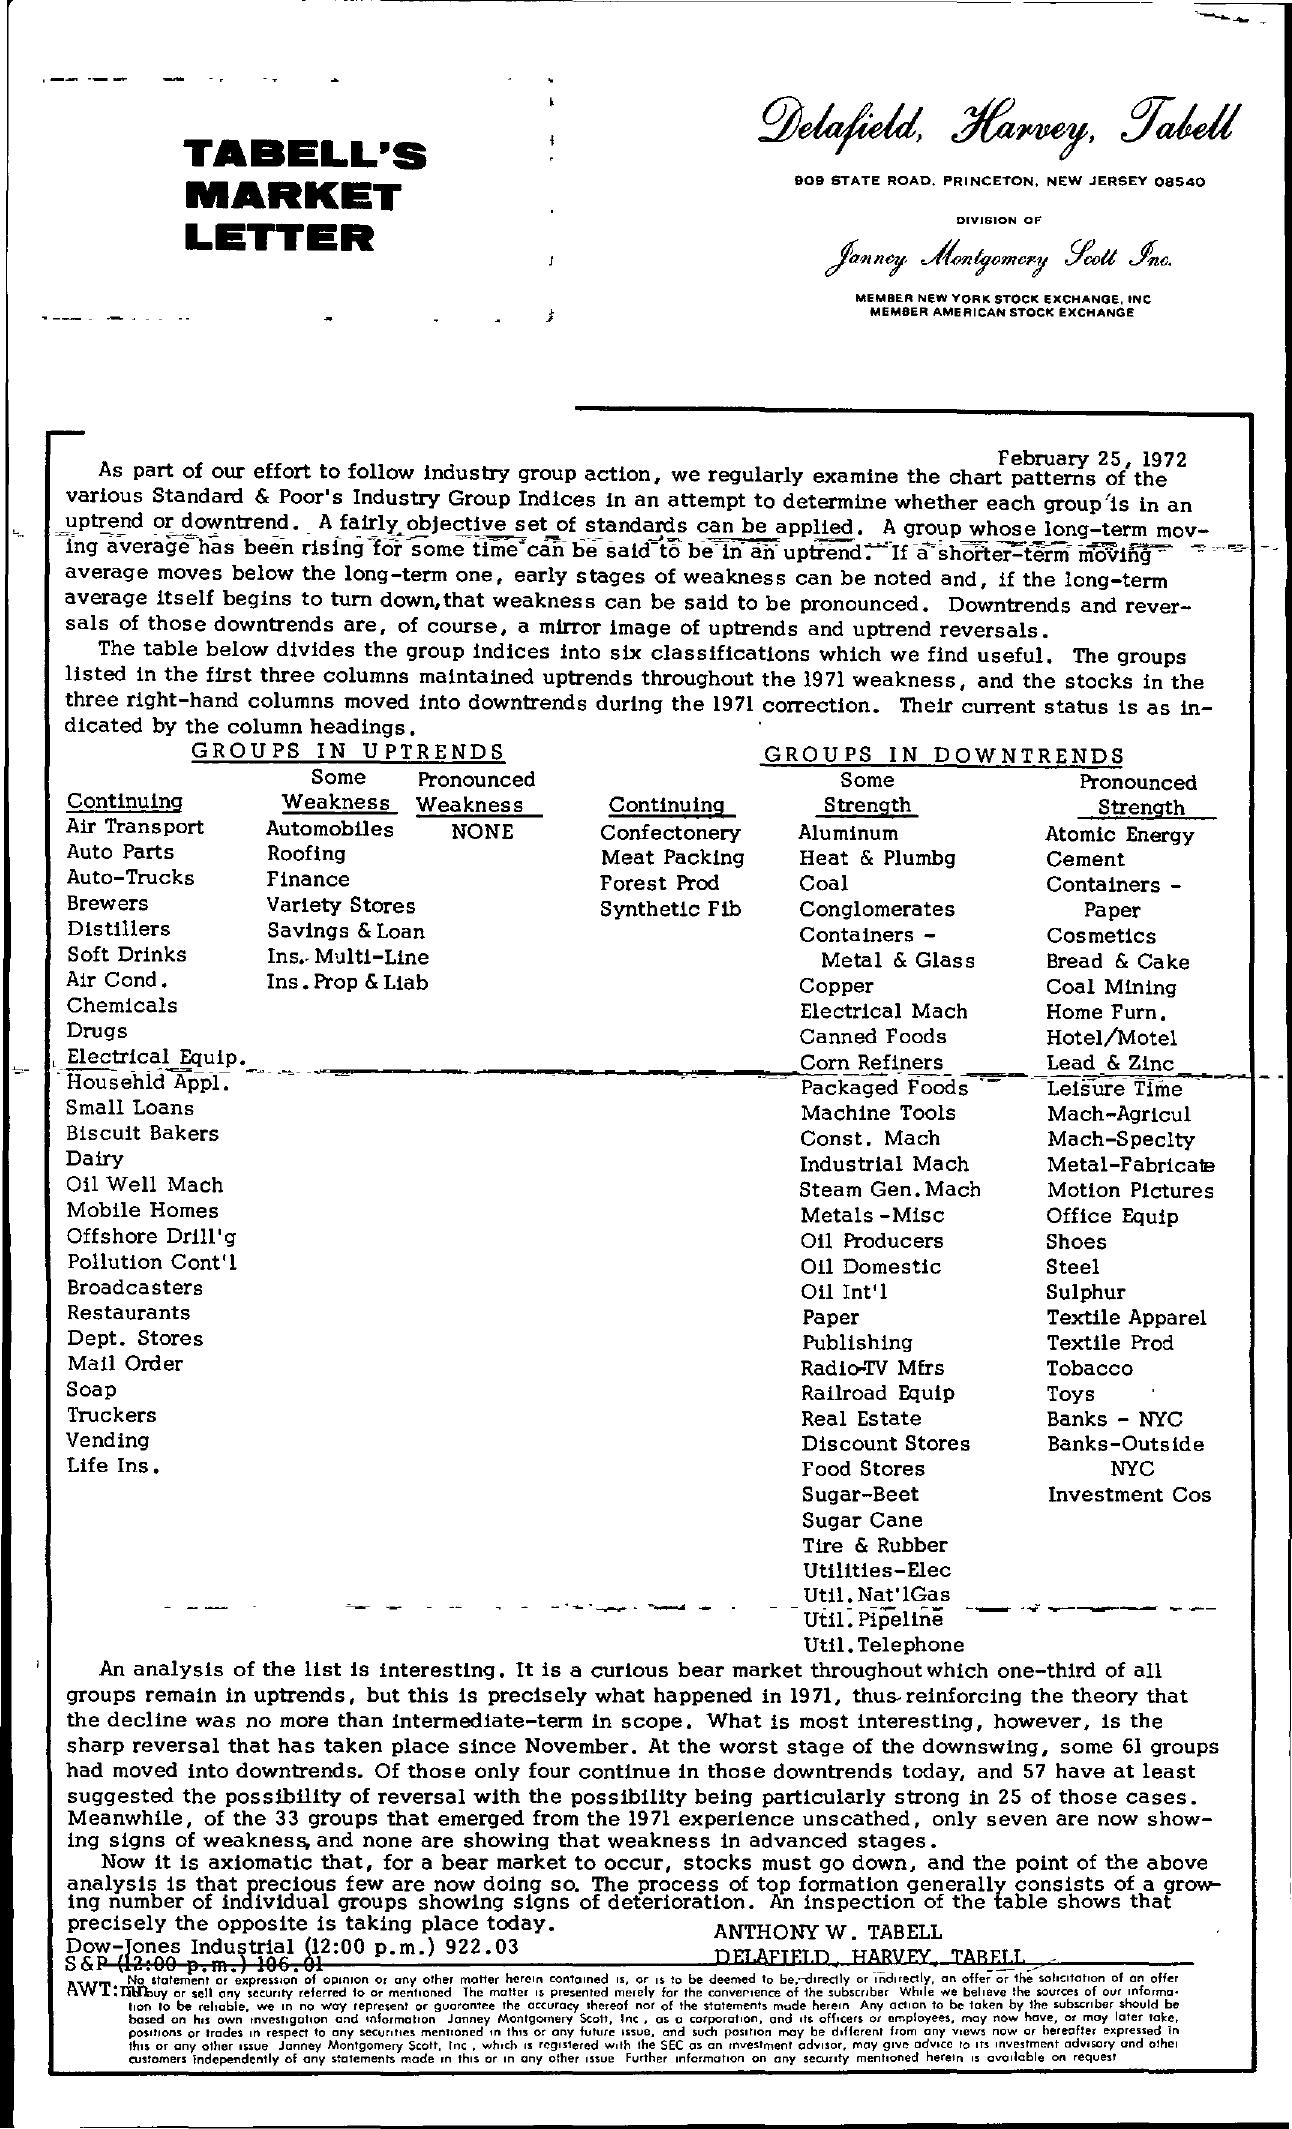 Tabell's Market Letter - February 25, 1972